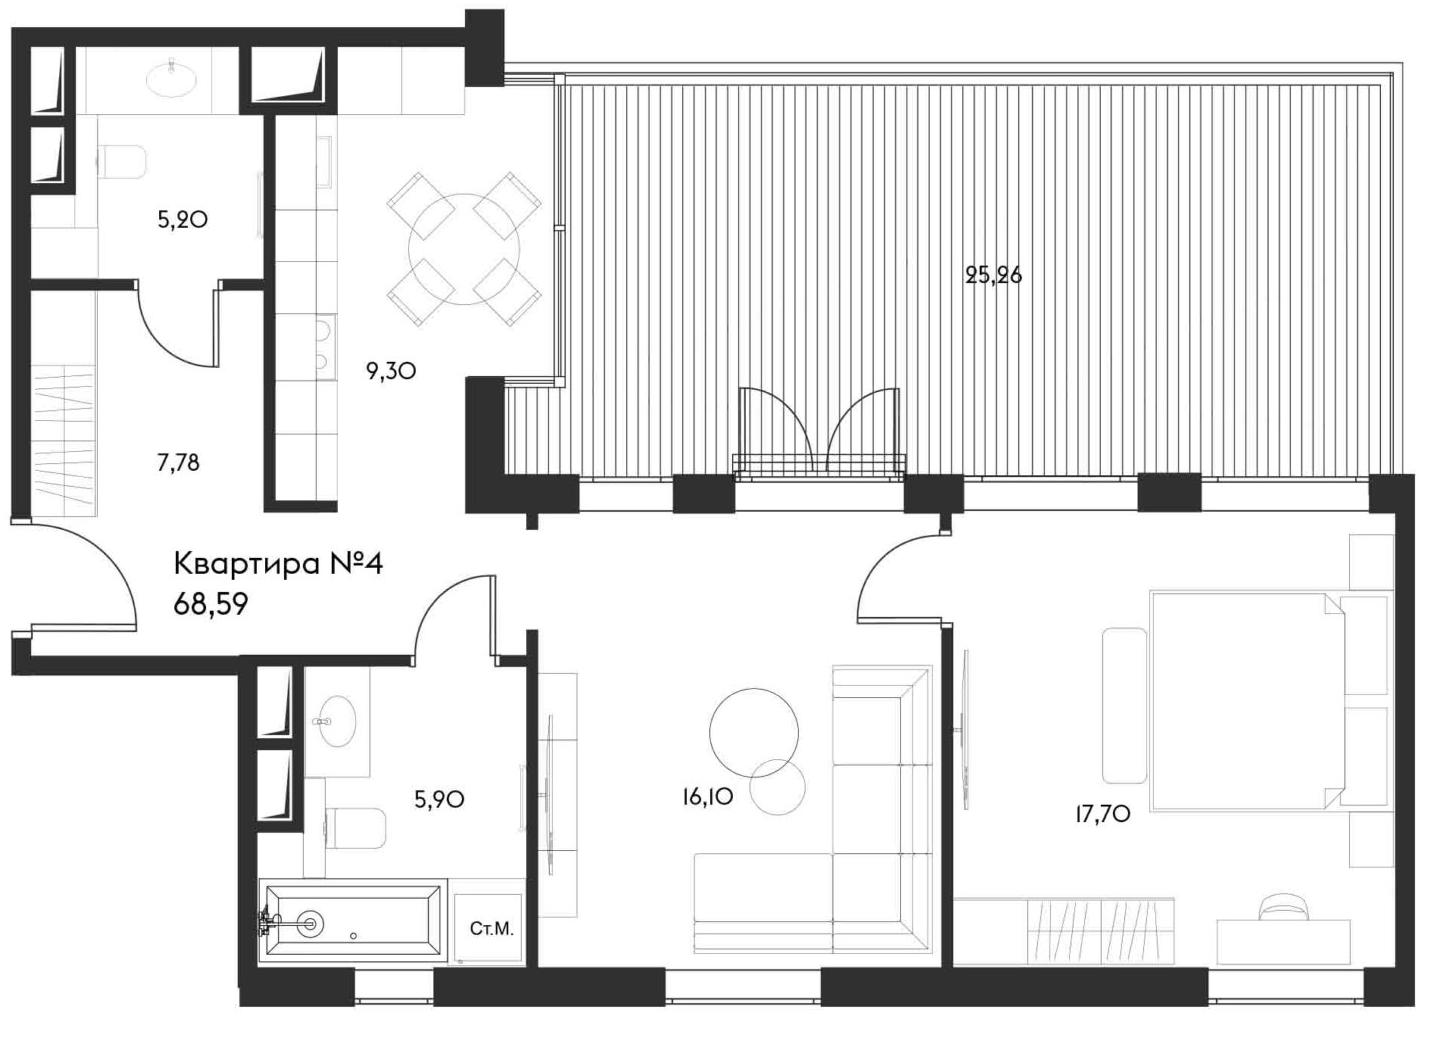 2-комнатная, 68.59 м²– 2